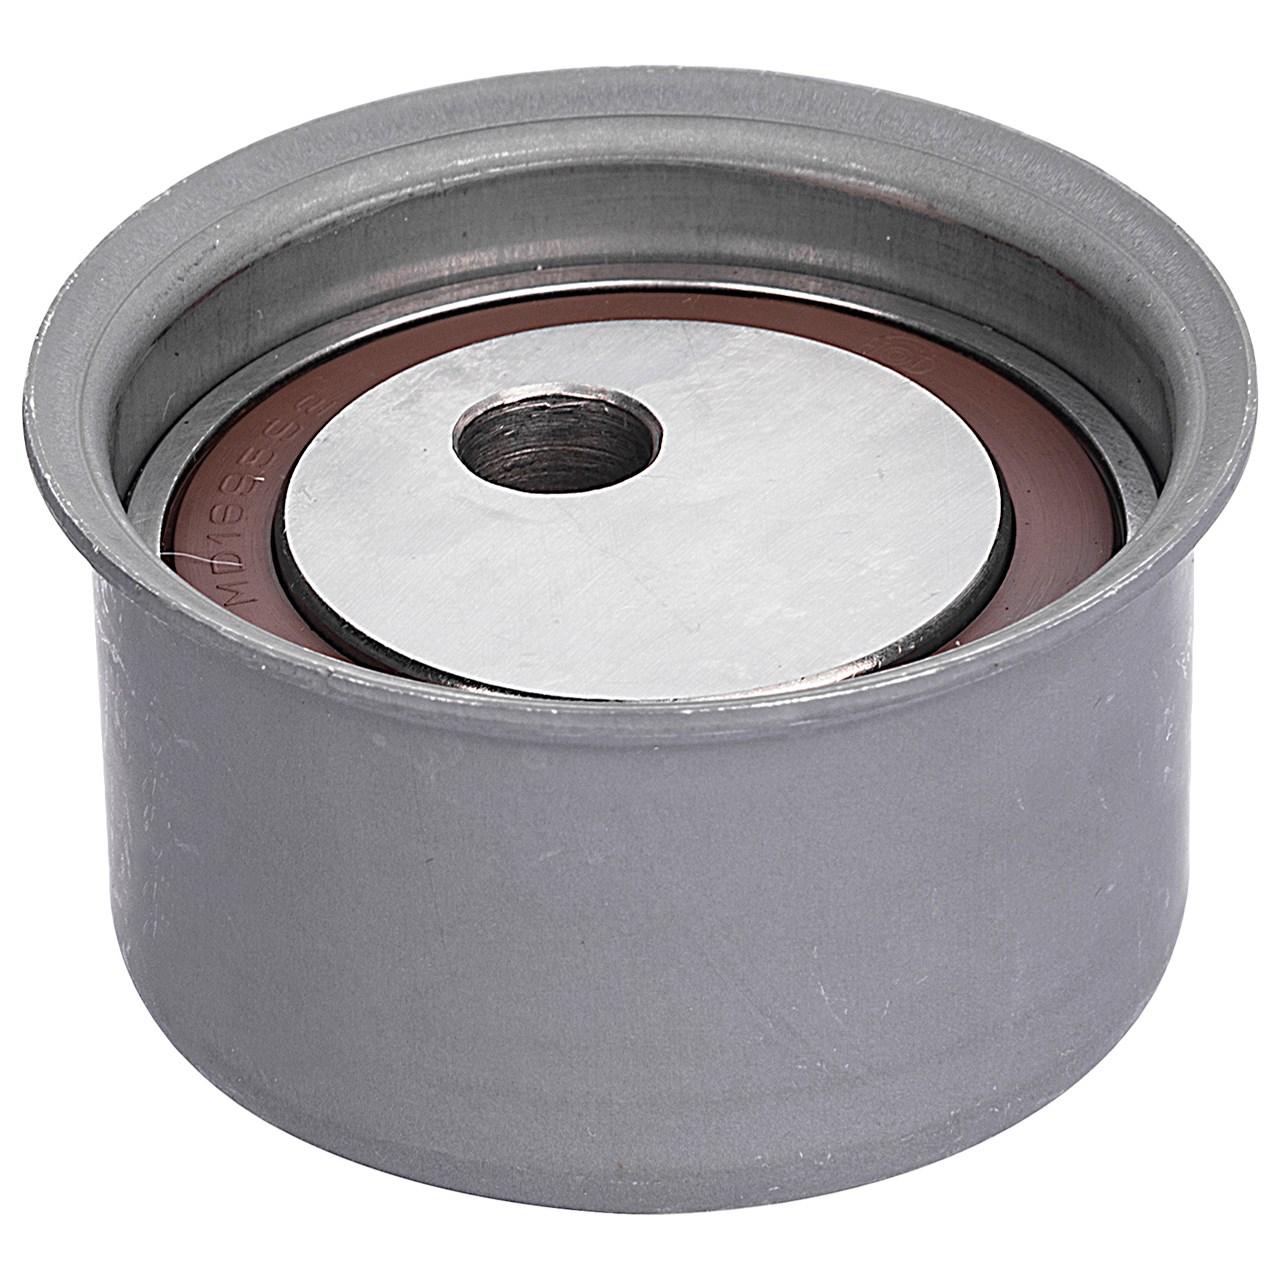 بلبرینگ تسمه سفت کن مدل S1021L21153-50014 مناسب برای خودروهای جک